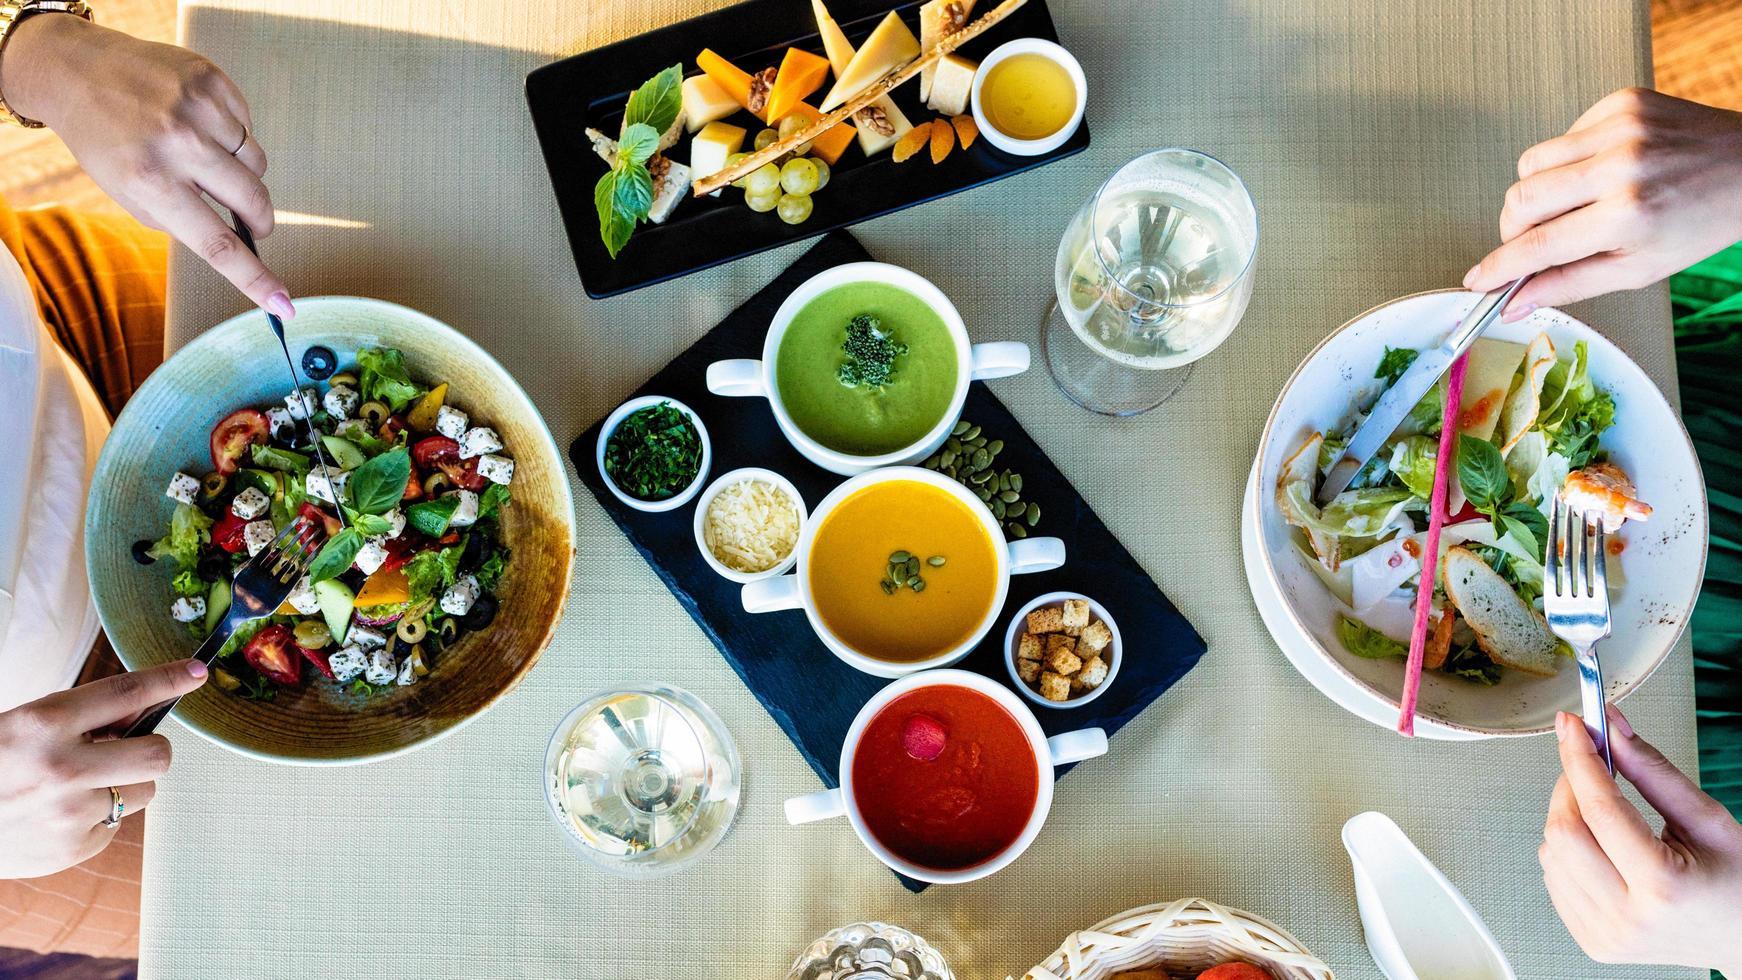 mangiare insalata di pollo con diverse zuppe foto